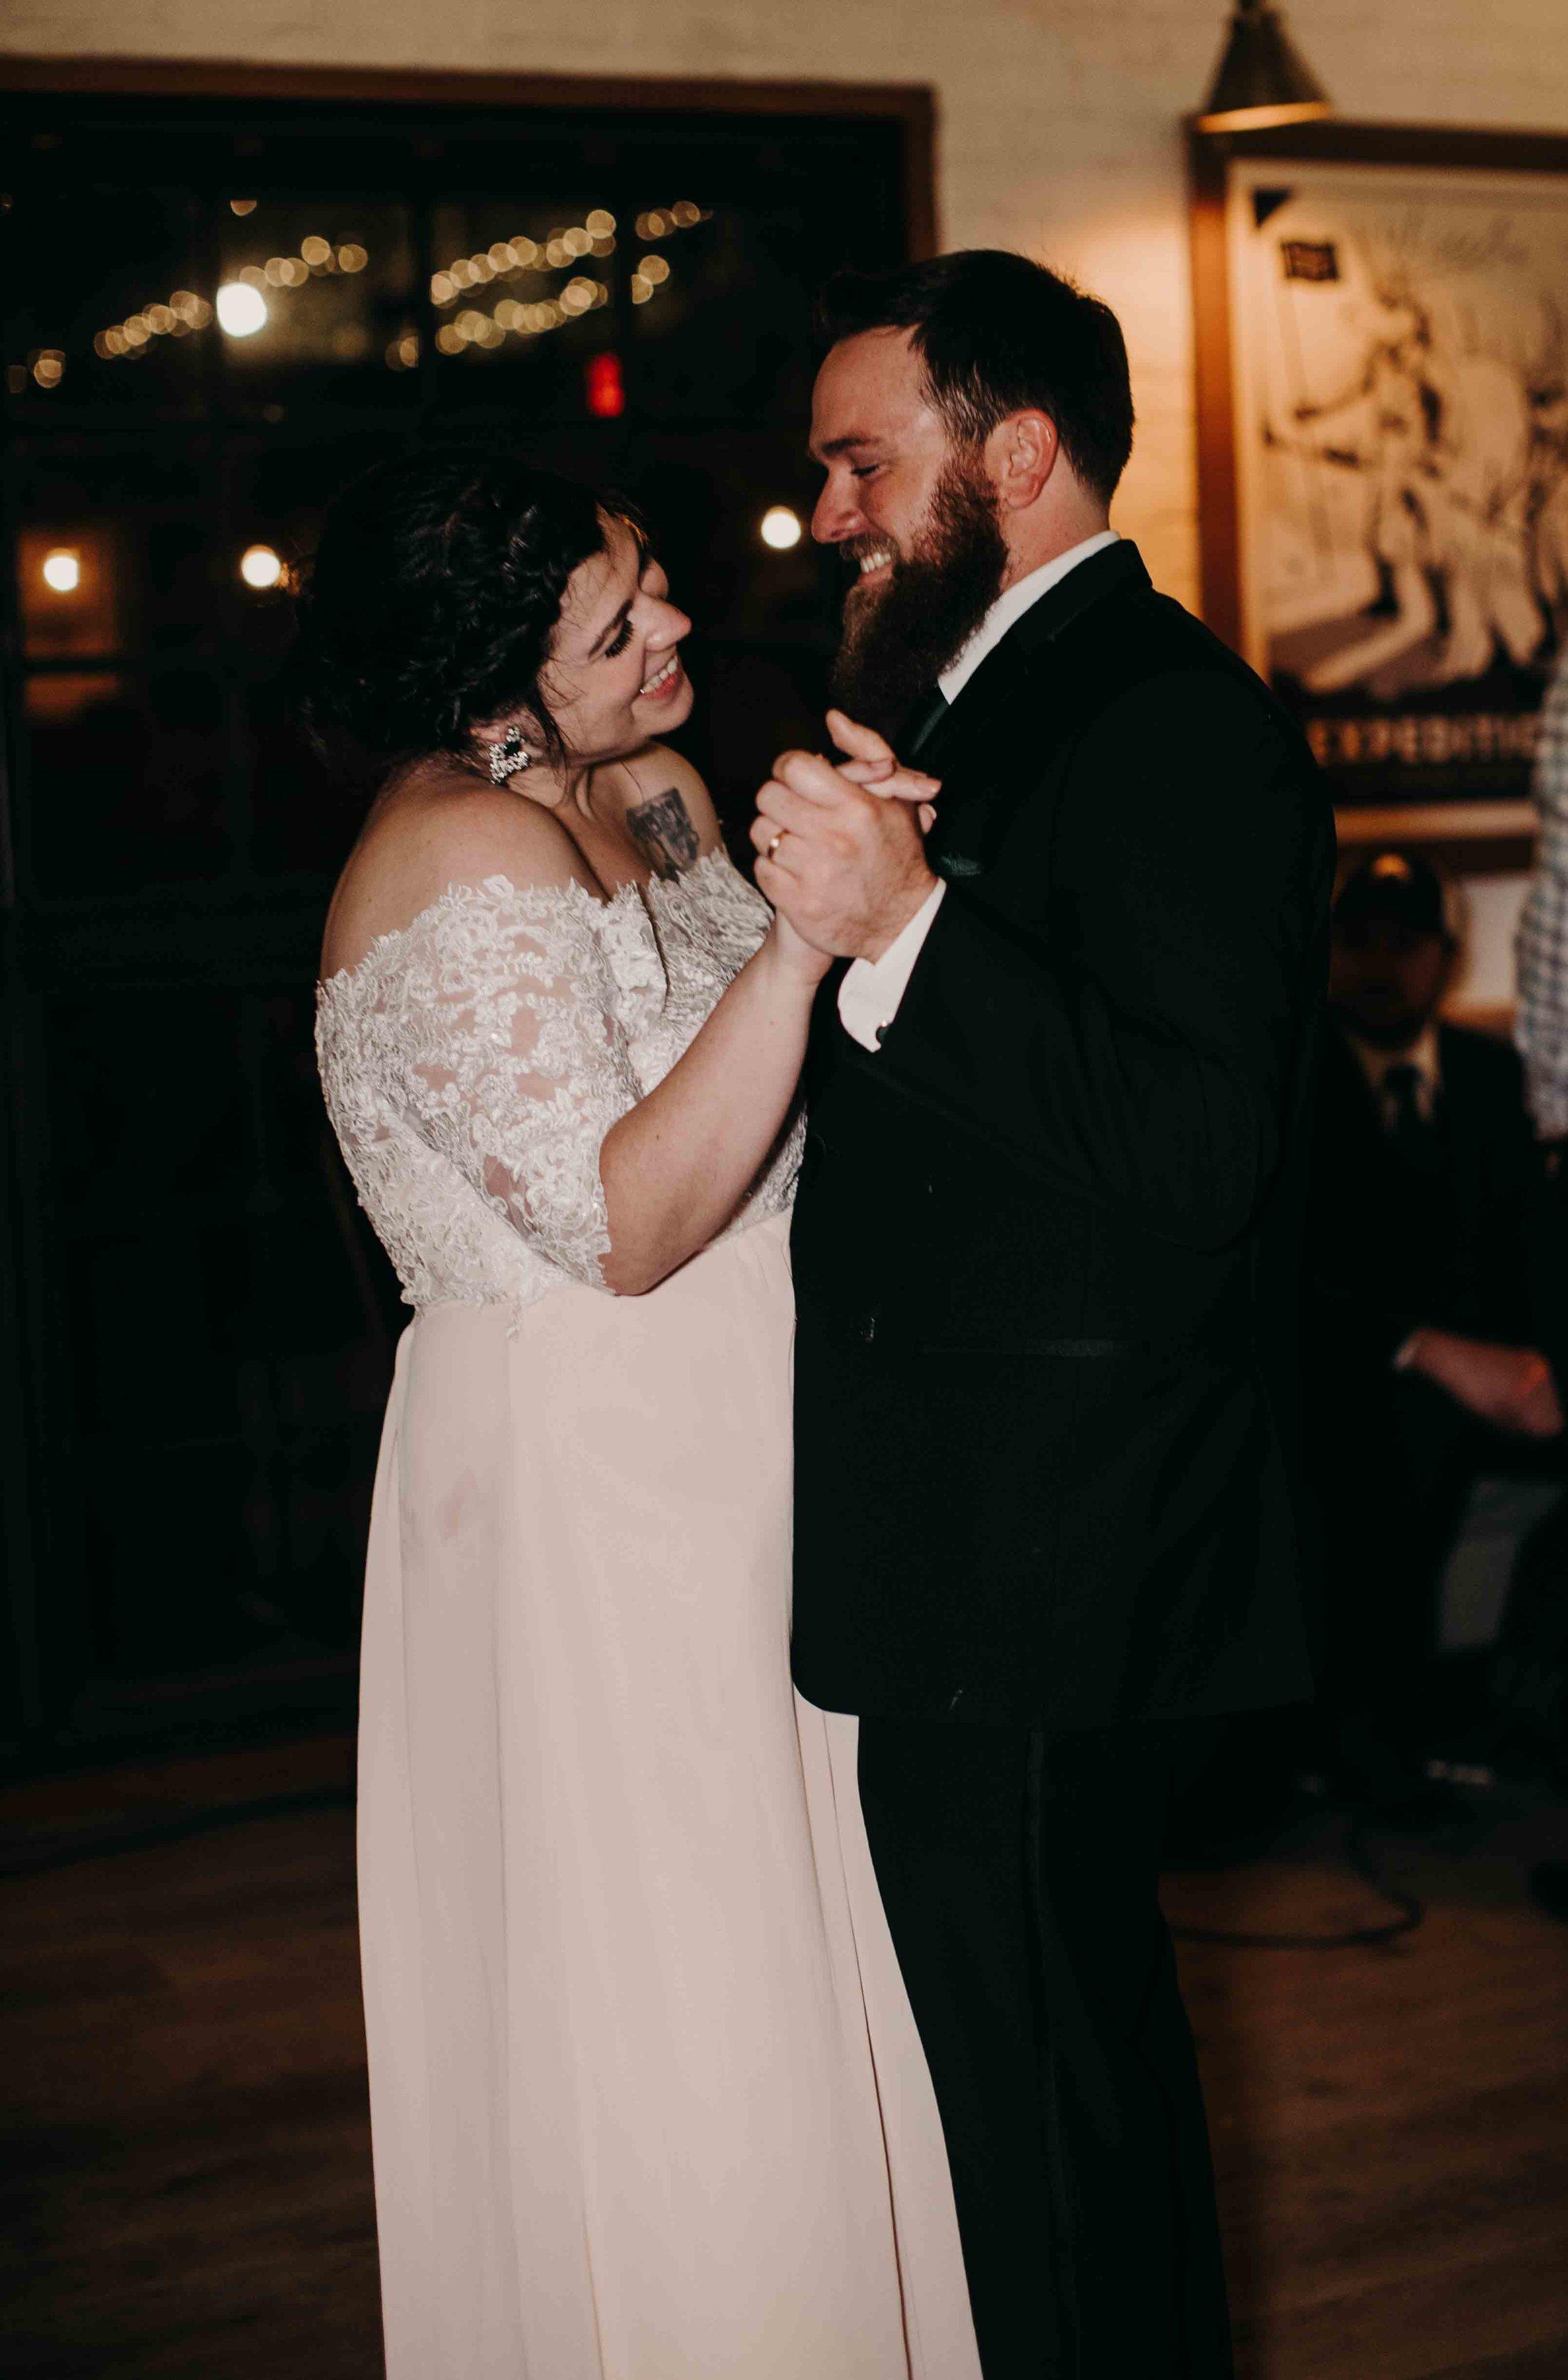 wedding day (26 of 37).jpg